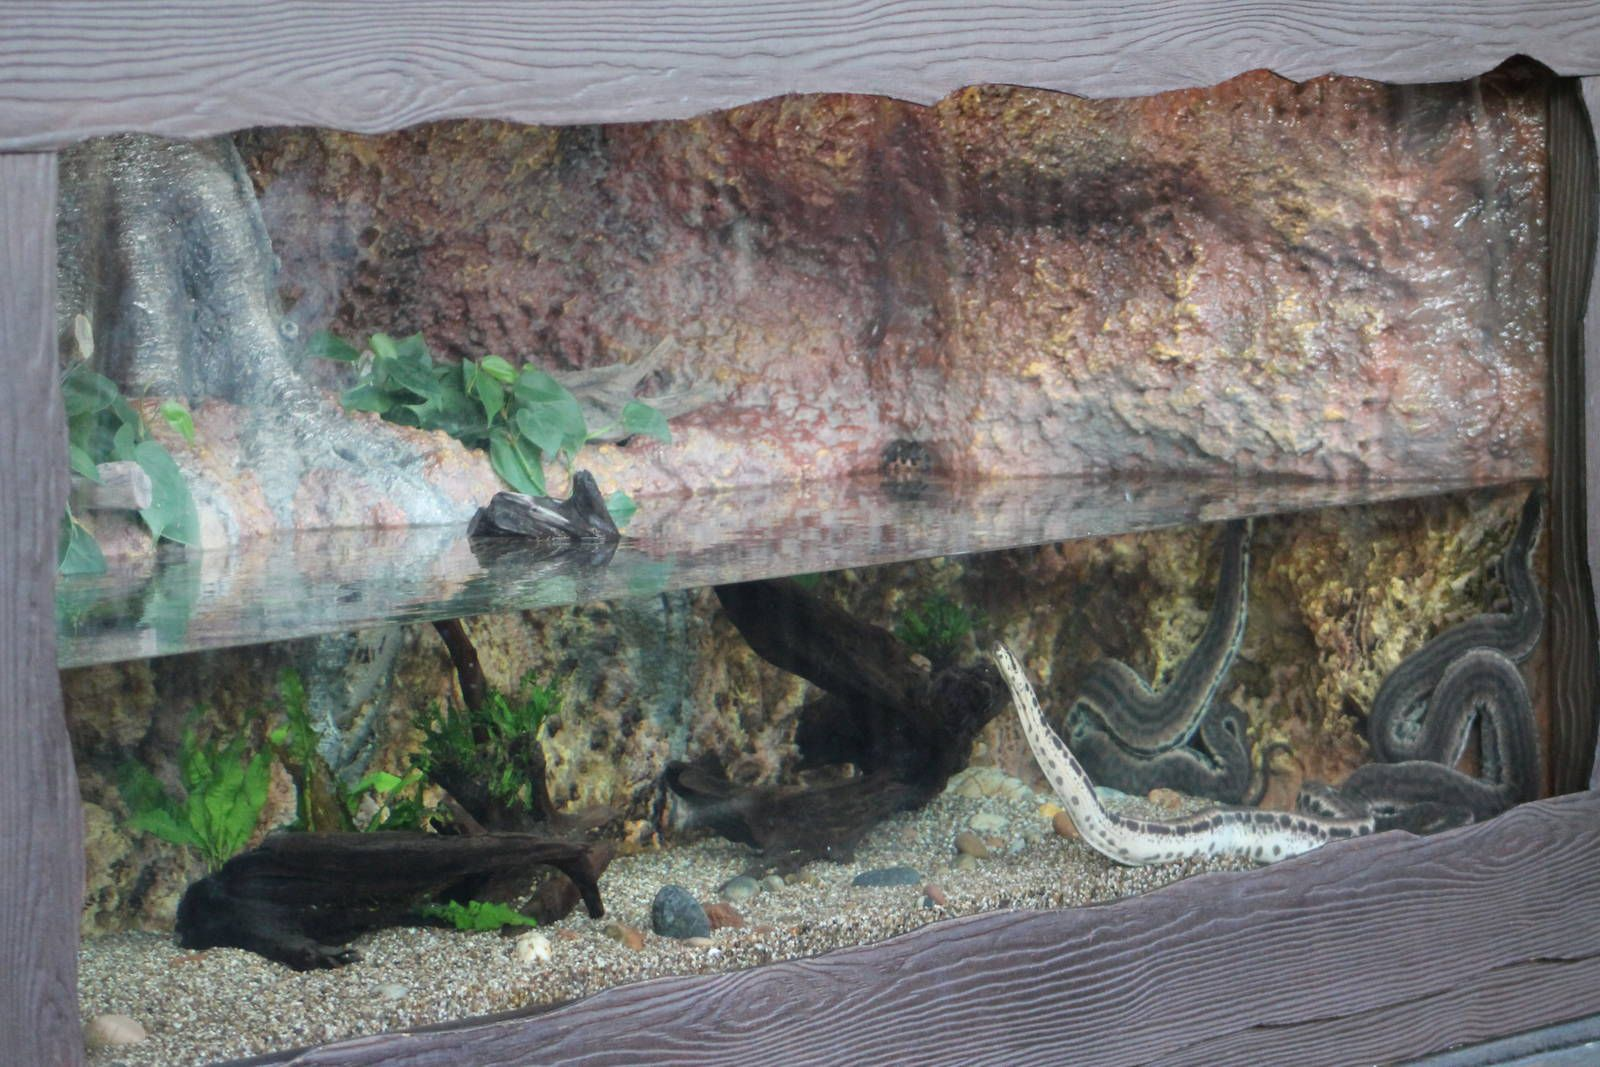 Elephant trunk snake can reach 7.8 feet in length